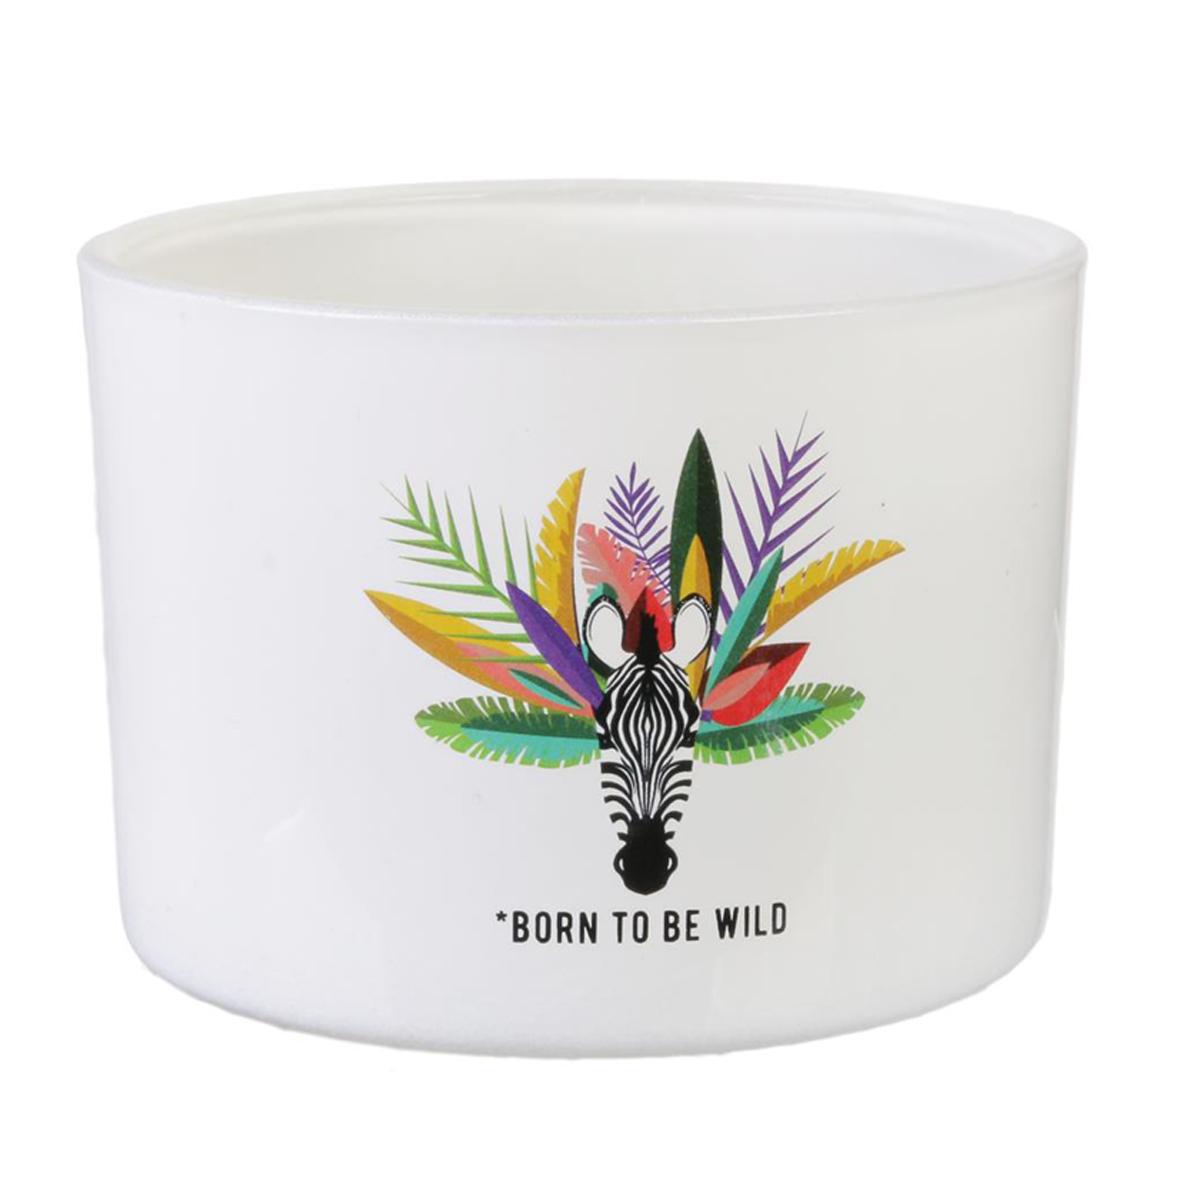 Bougie décorative \'Tropical\' blanc (Zèbre - Born to be wild) 3 mèches - 13x85 cm - [Q7708]